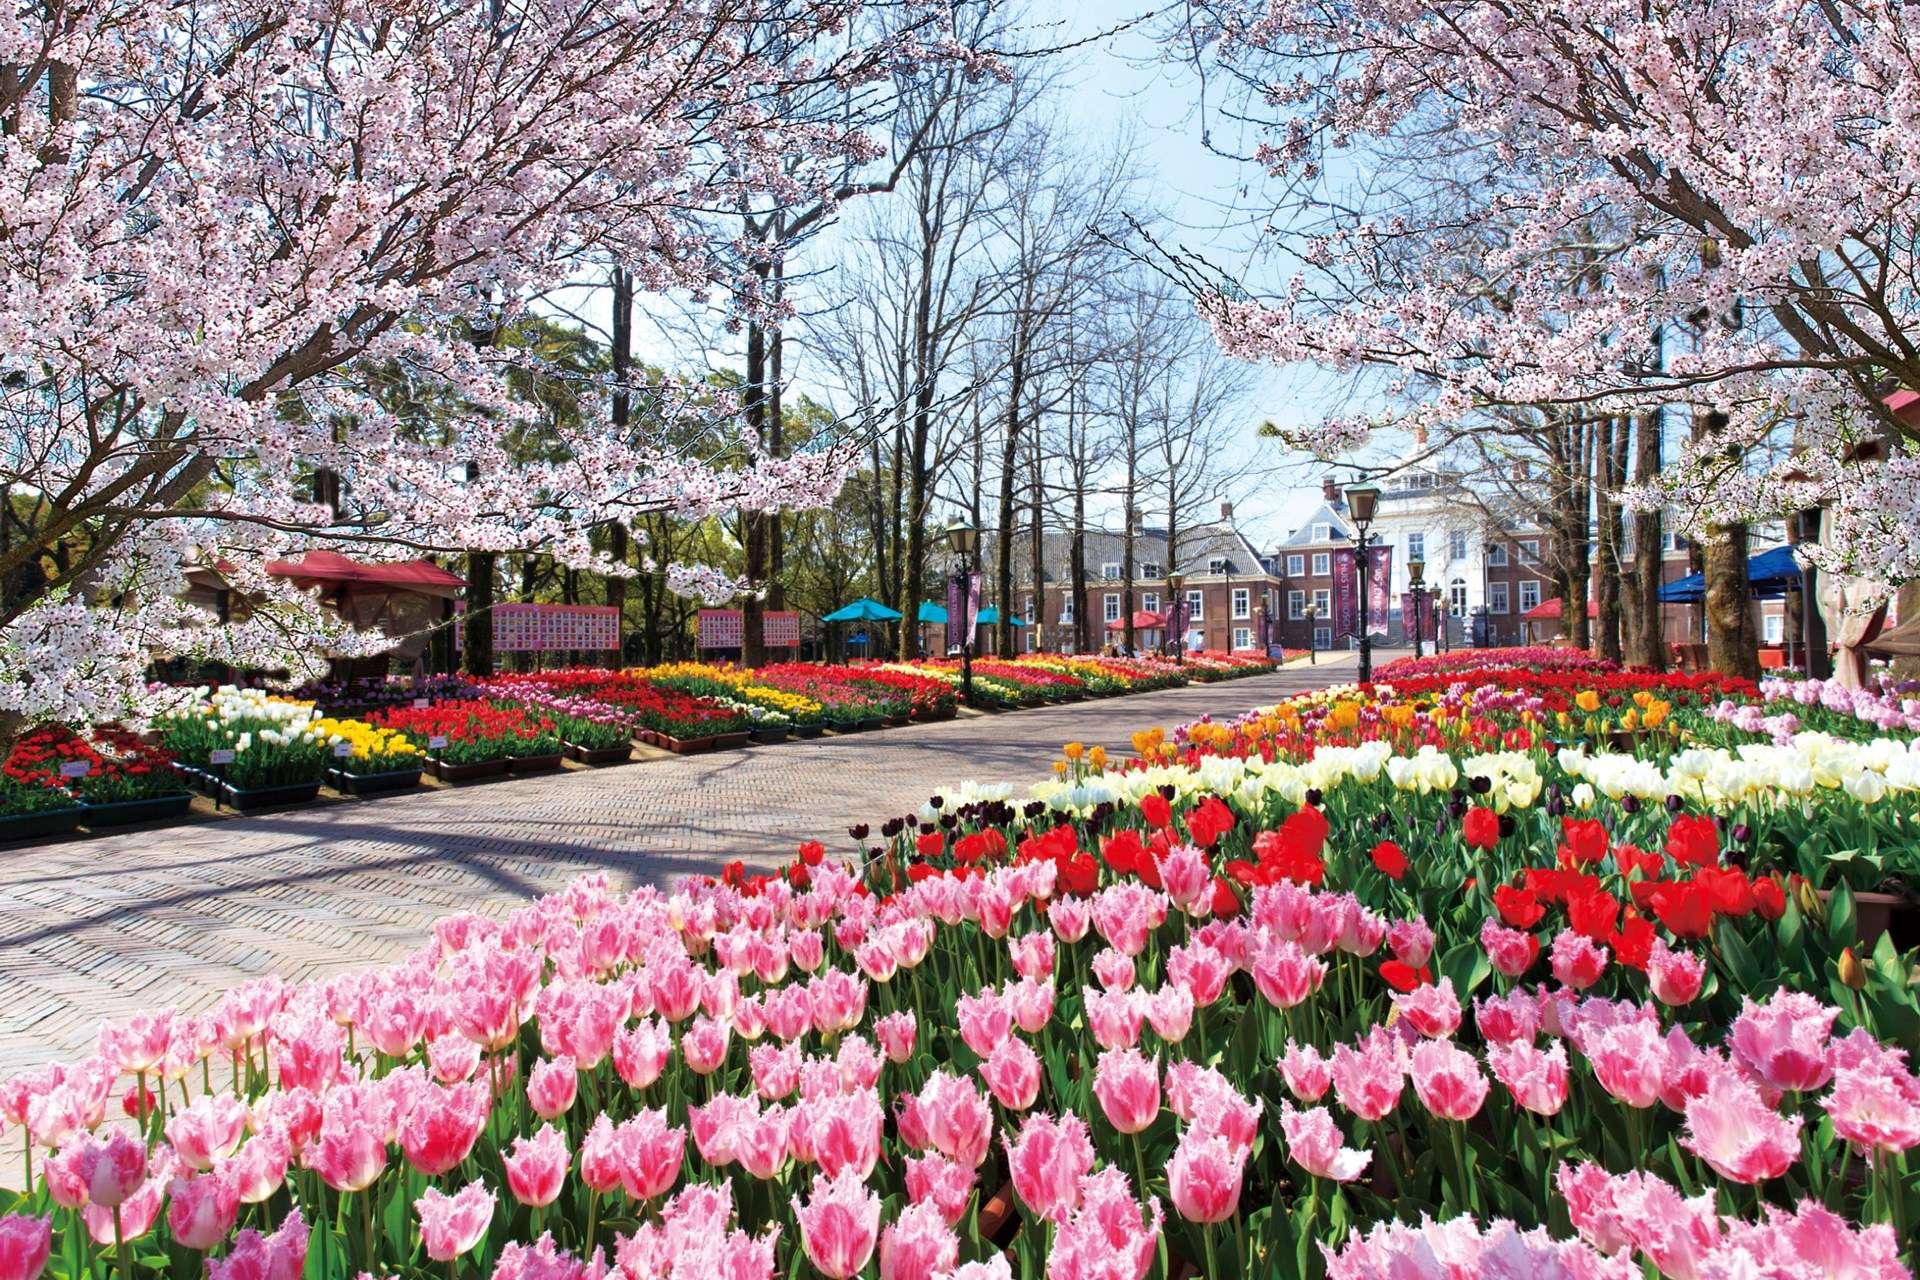 郁金香与樱花共演的美丽景色